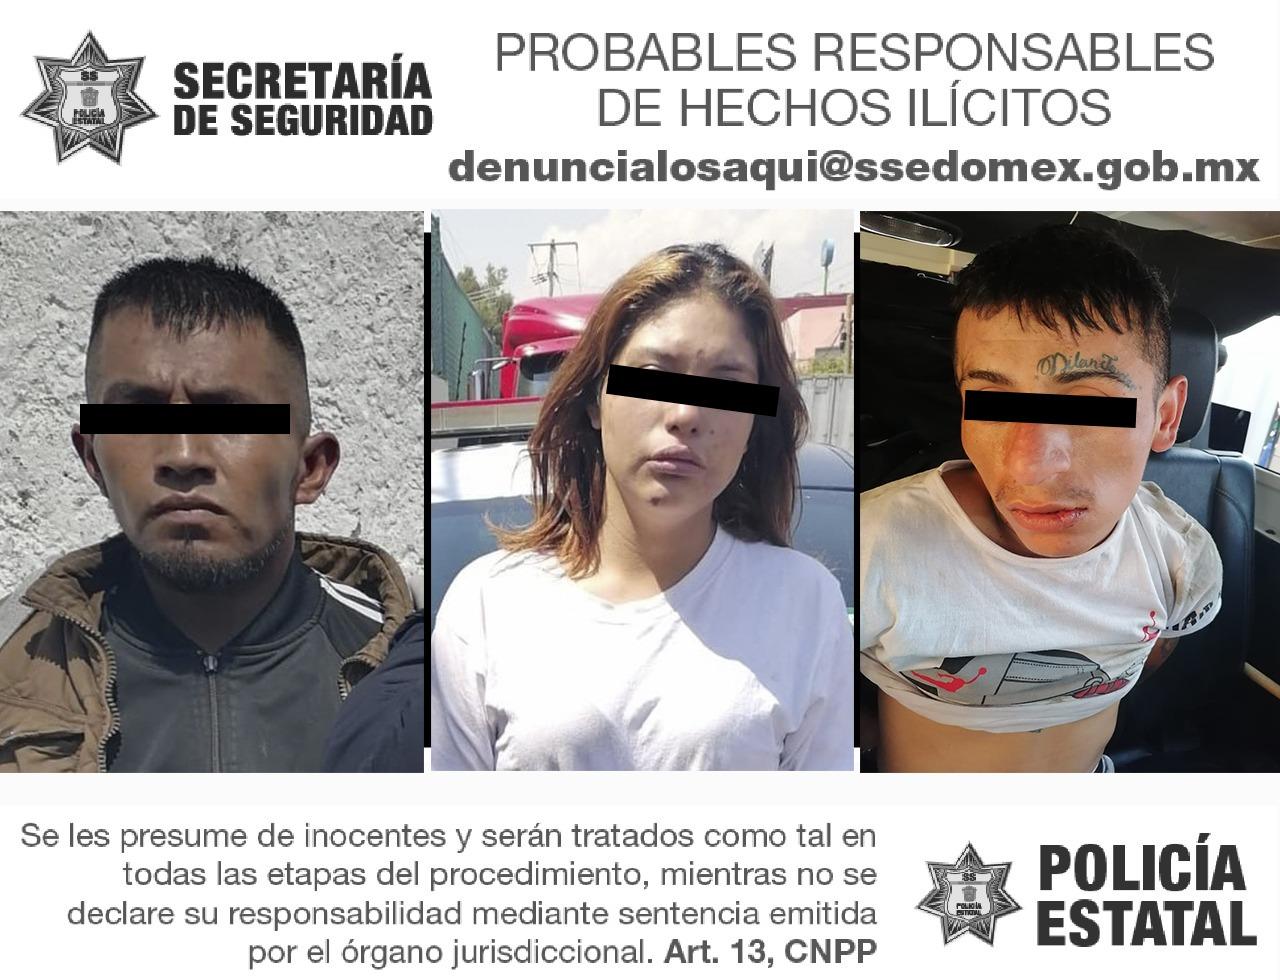 TRAS PERSECUCIÓN LOCALIZAN VEHÍCULO CON REPORTE DE ROBO; DETIENEN A CUATRO